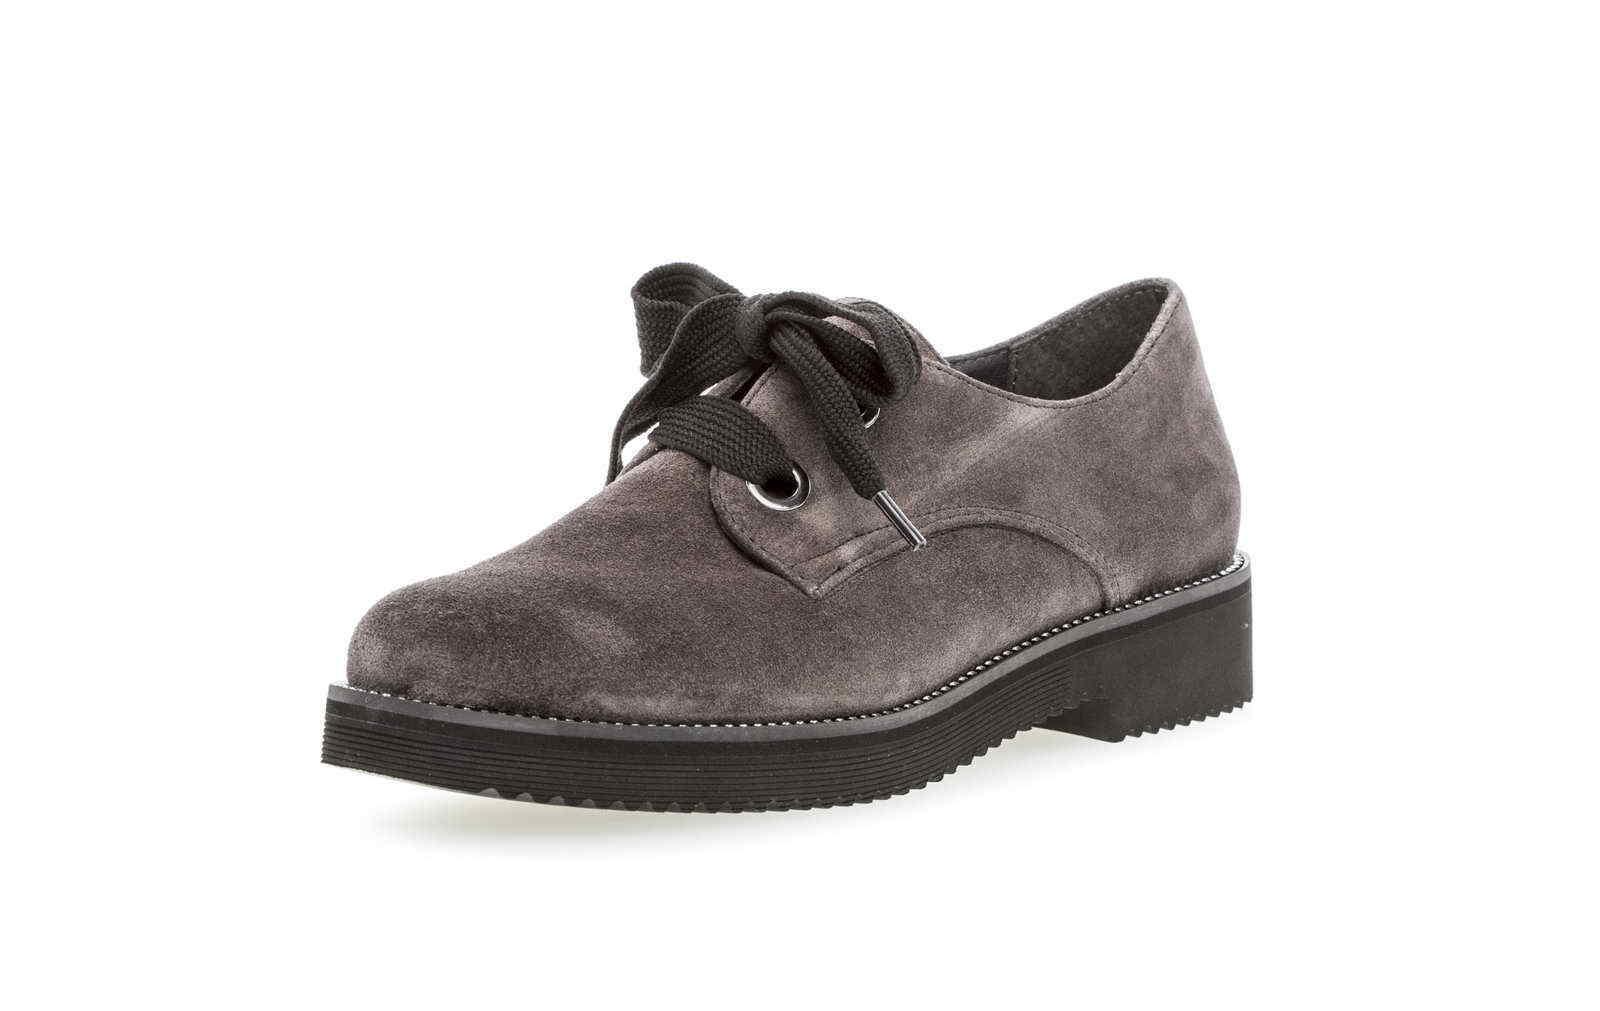 negozio di sconto Gabor mezza scarpa 665 39 grigio grigio grigio Nabuk Pelle Suola leggera Business Lacci  spedizione gratuita in tutto il mondo